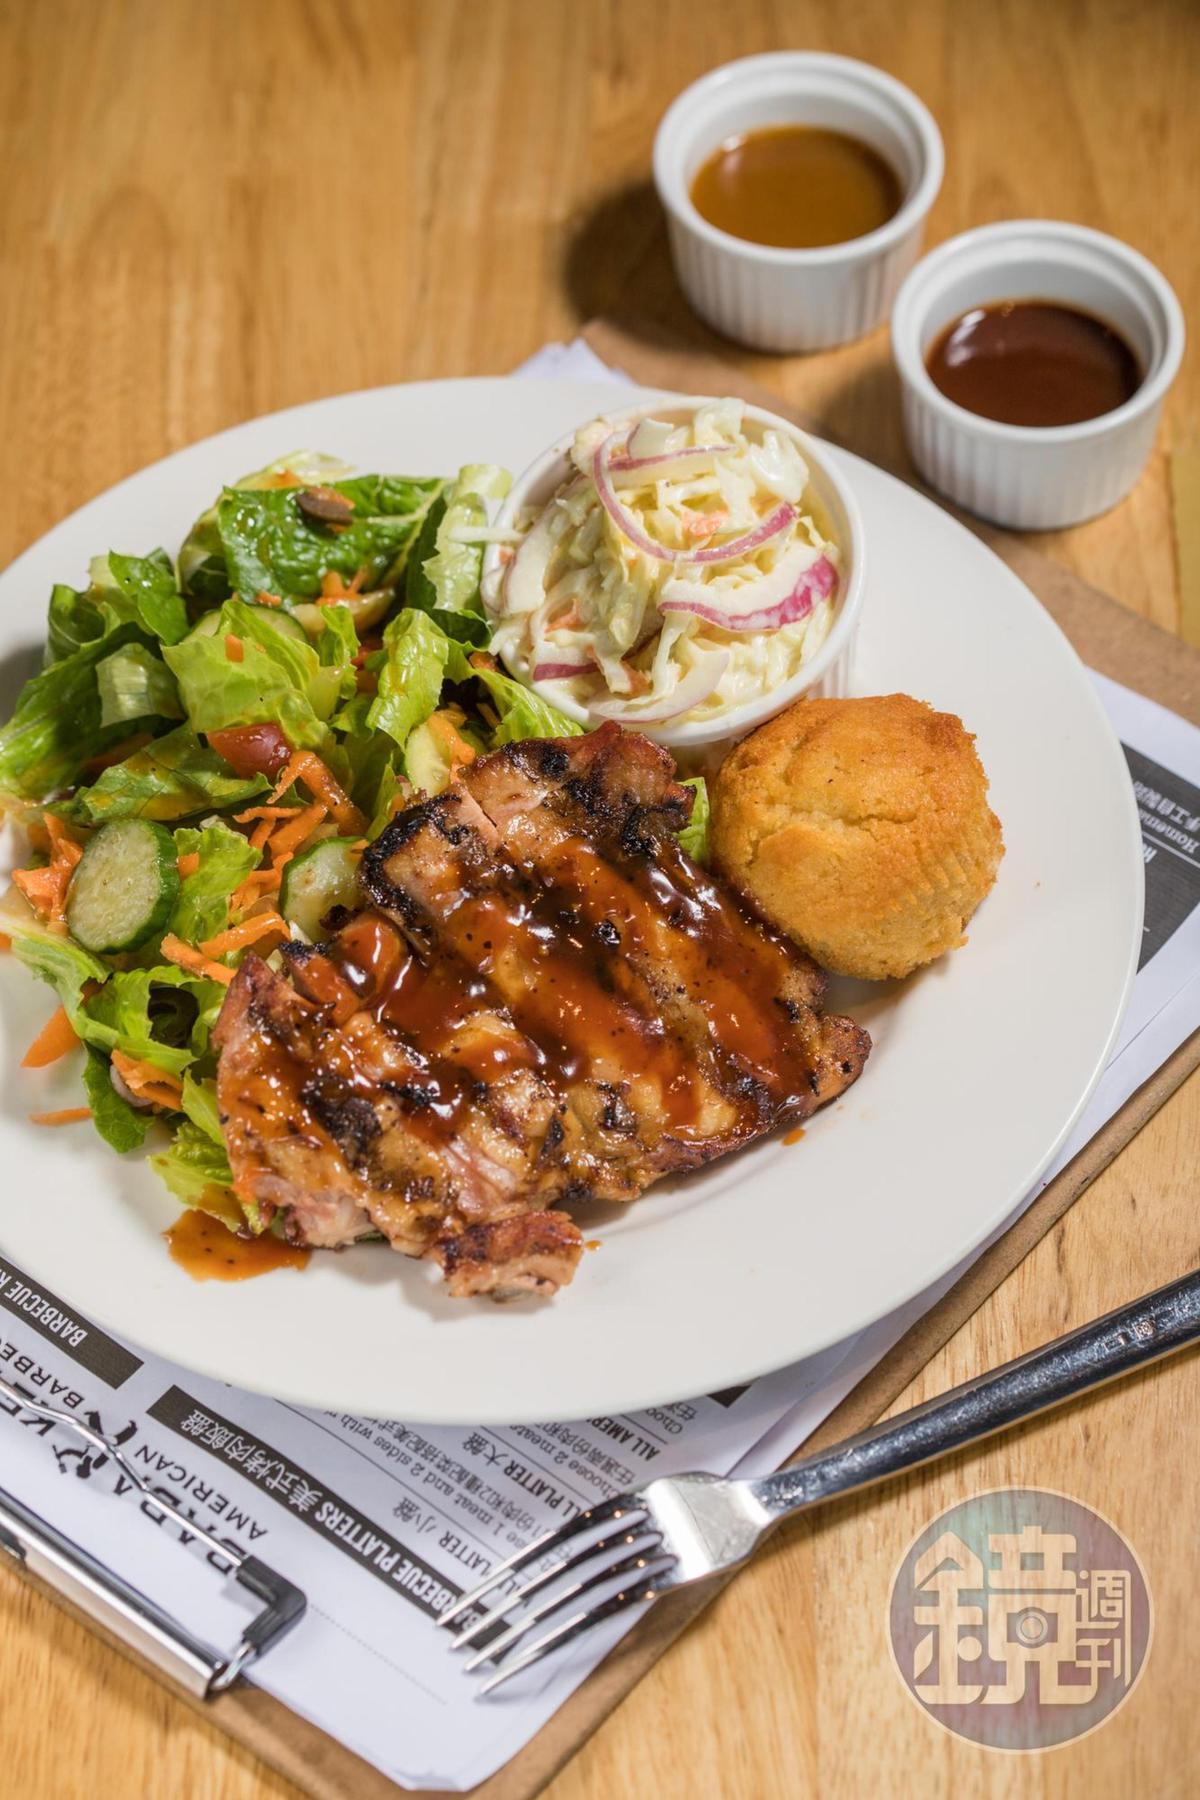 美式烤肉沙拉「胡桃木雞腿肉」,大啖蛋白質時也呷菜。(300元/小份)